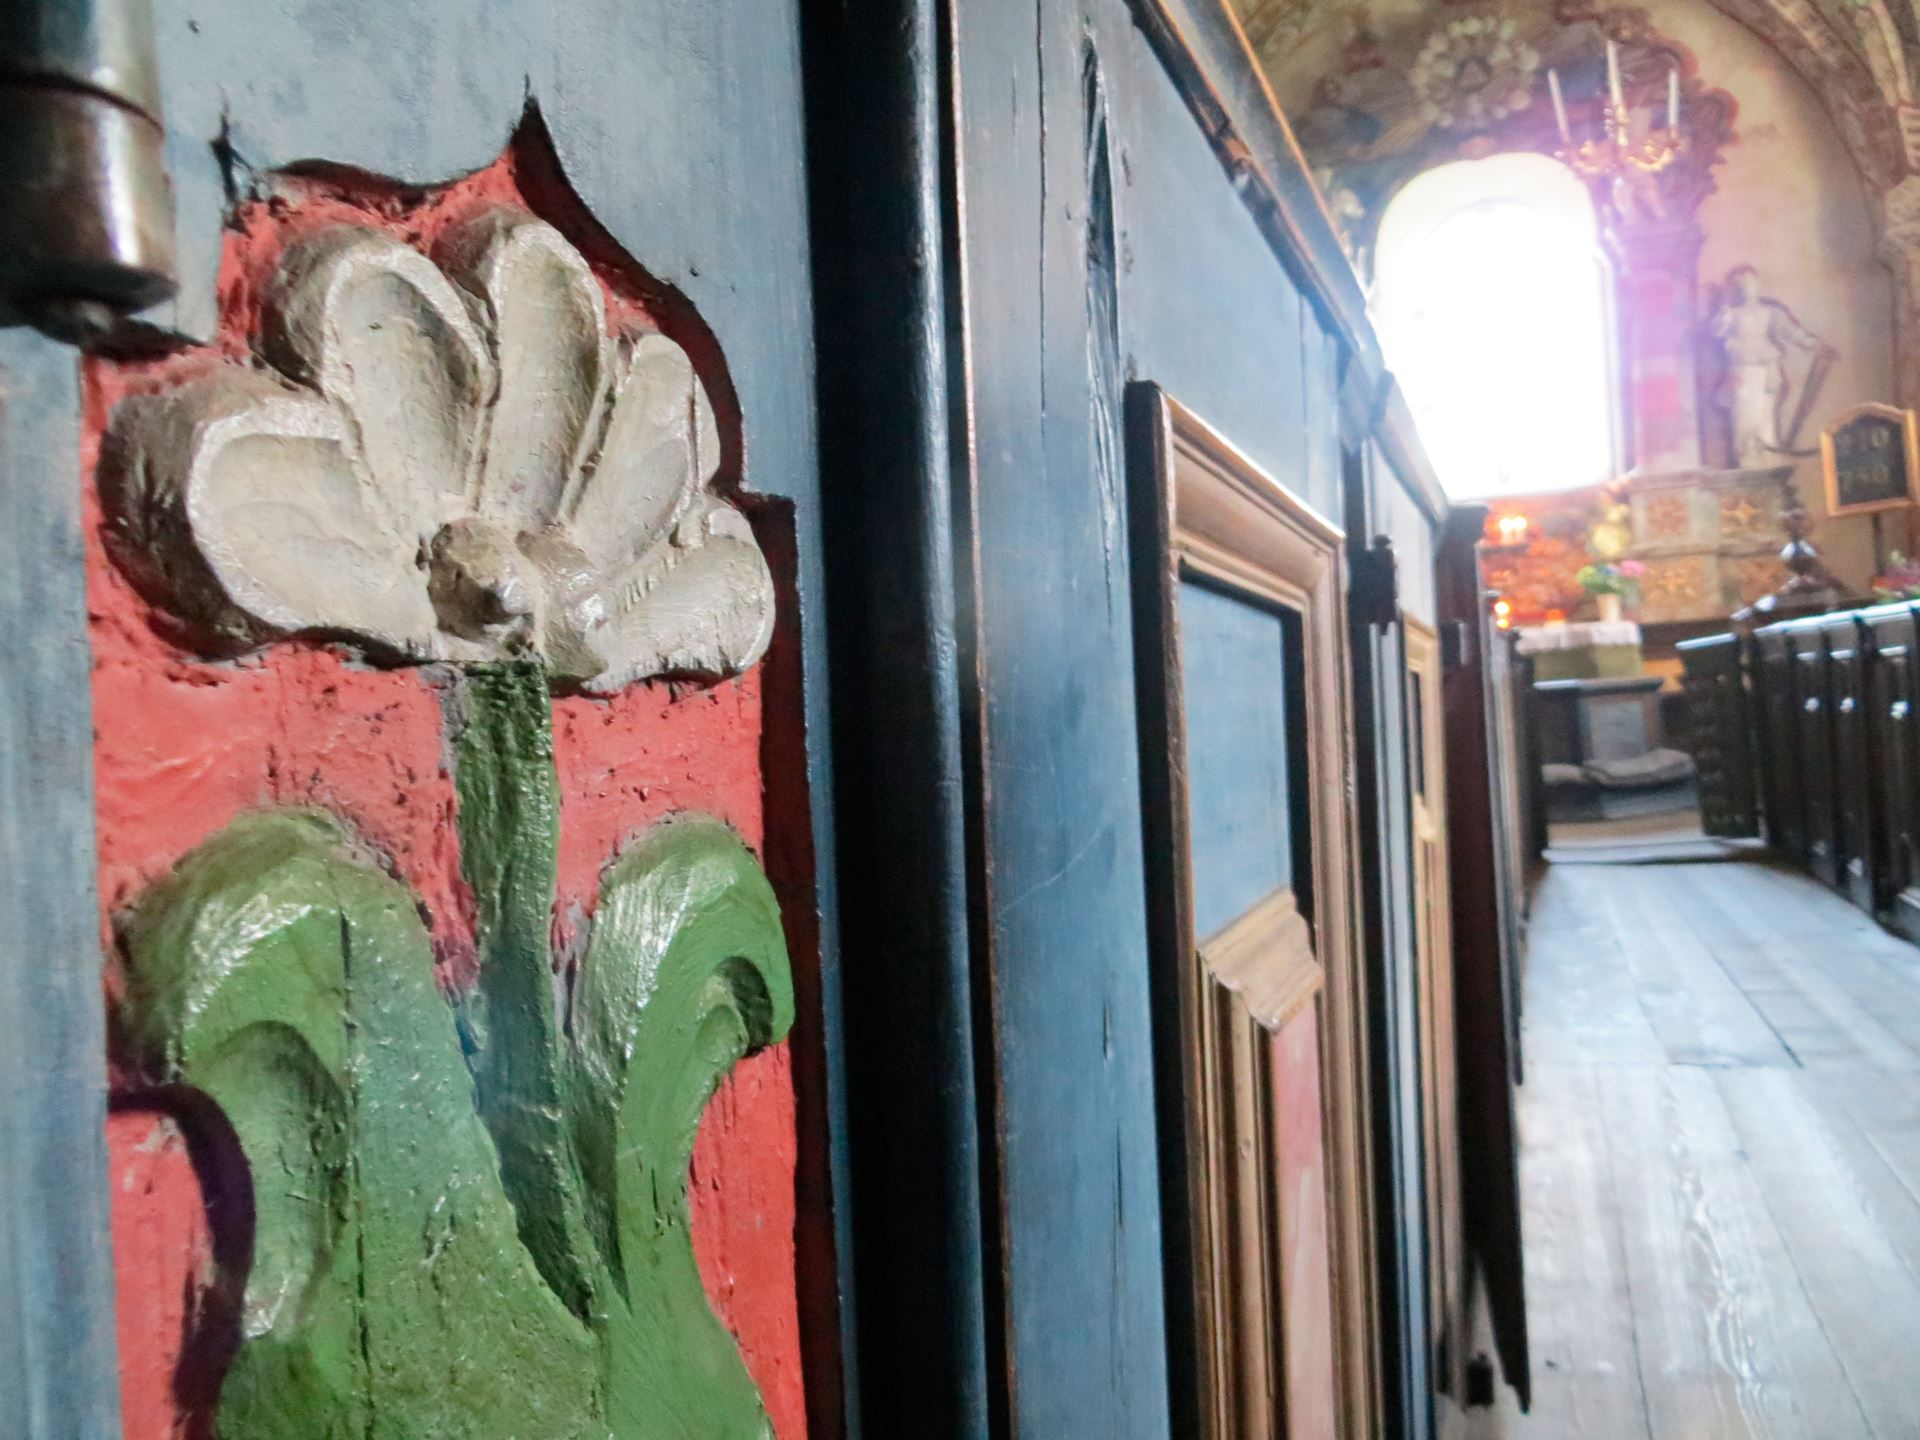 © Ådalsbygdens pastorat, Ytterlännäs gamla kyrka